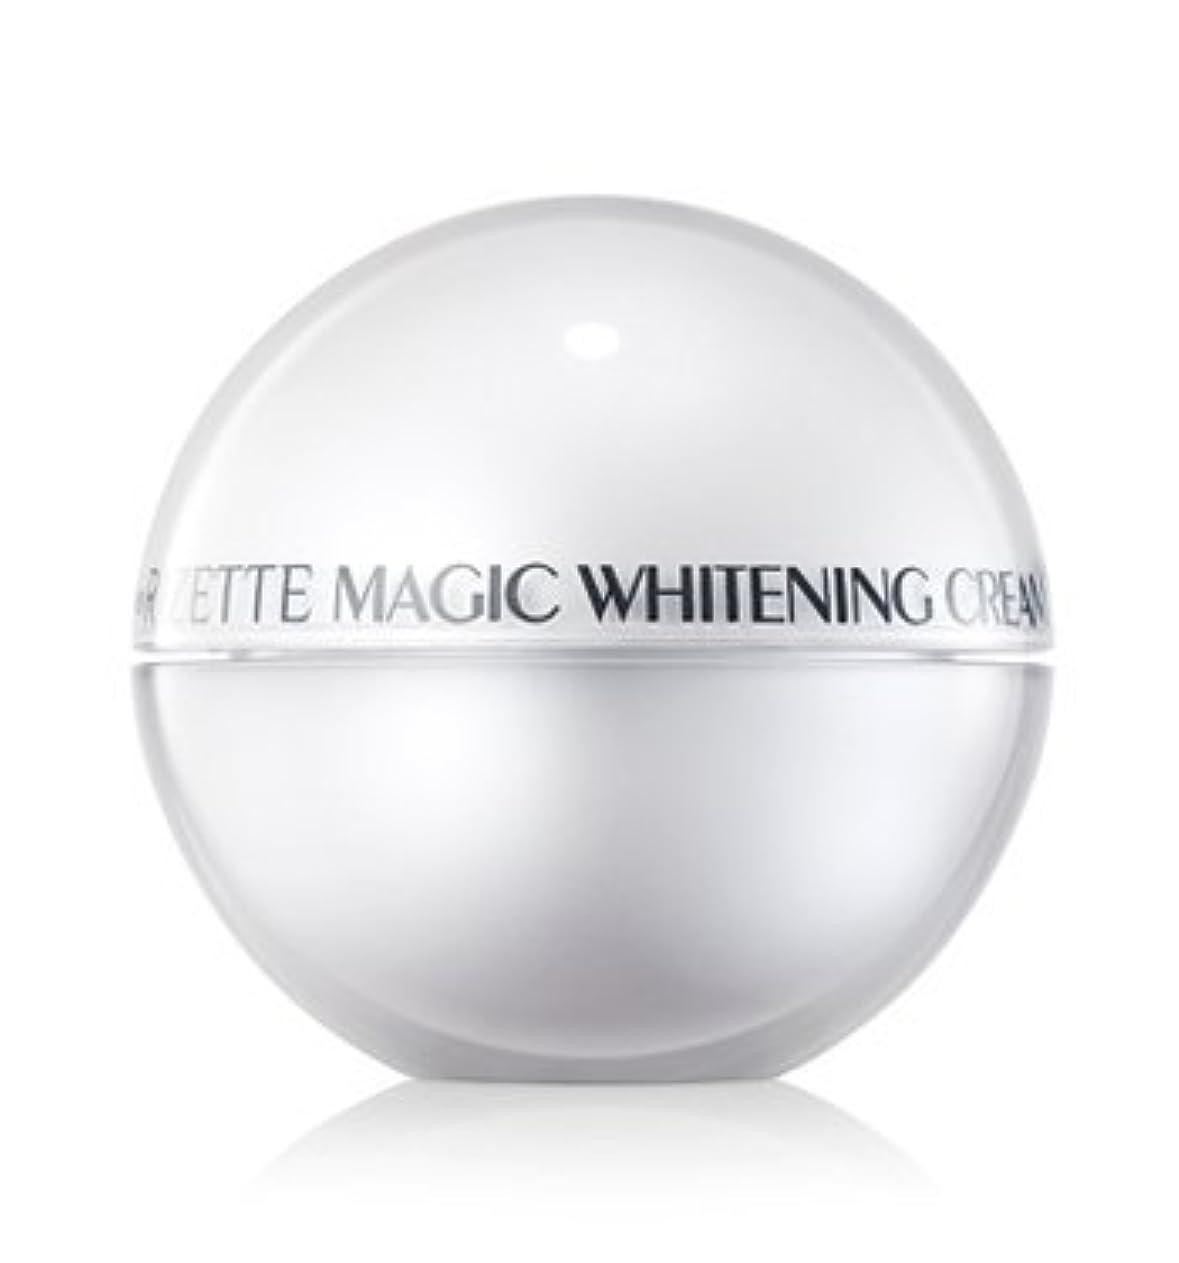 年齢尽きる露骨なリオエリ(Lioele) Rizette マジック ホワイトニング クリーム プラス/ Lioele Rizette Magic Whitening Cream Plus[並行輸入品]